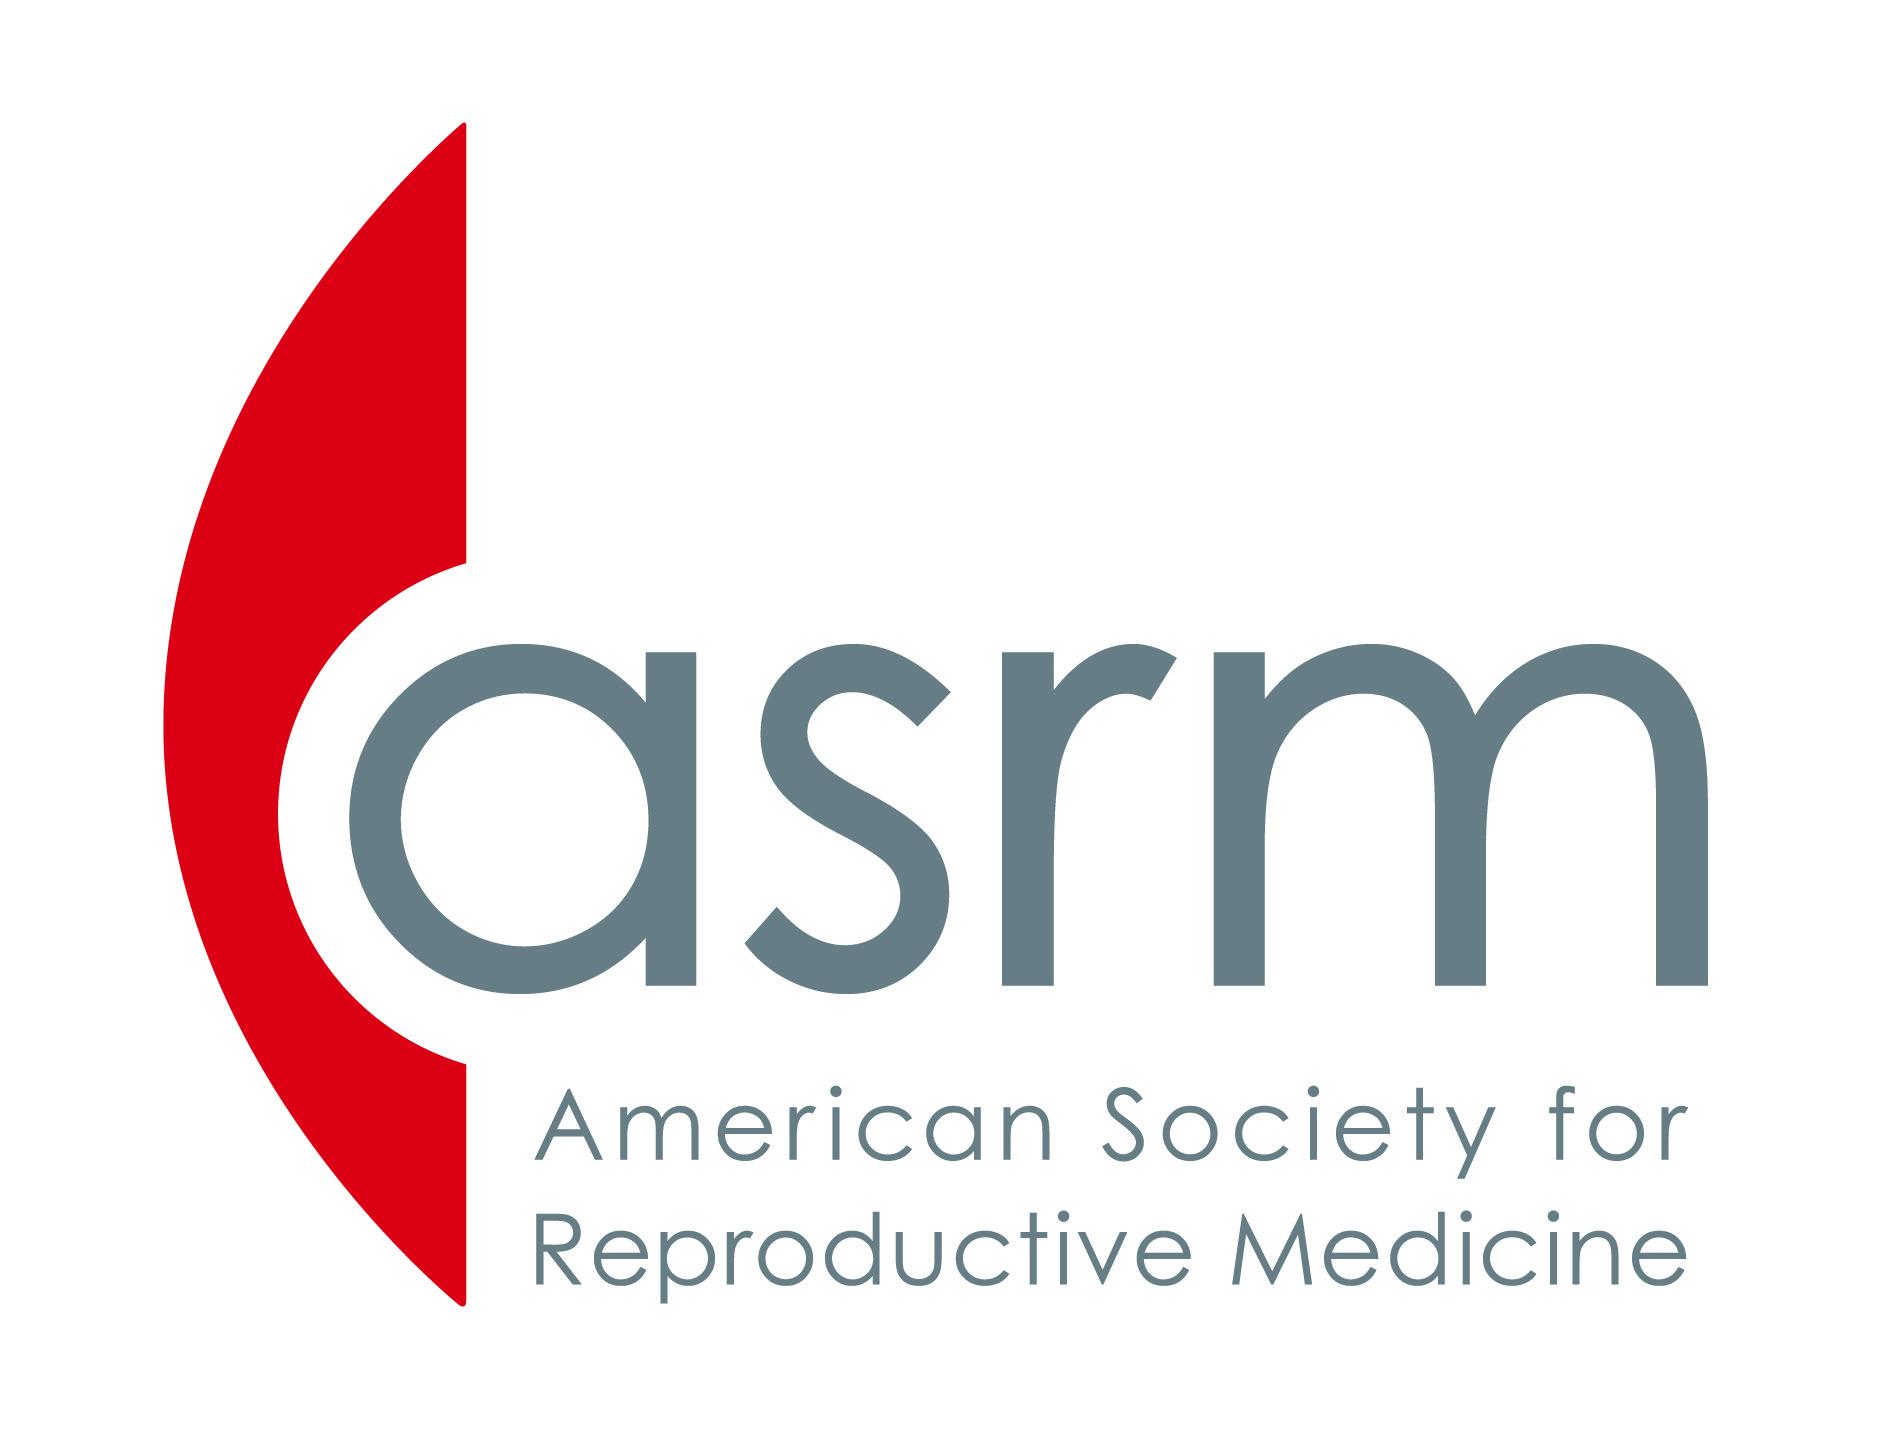 ASRM Logo: American Society for Reproductive Medicine